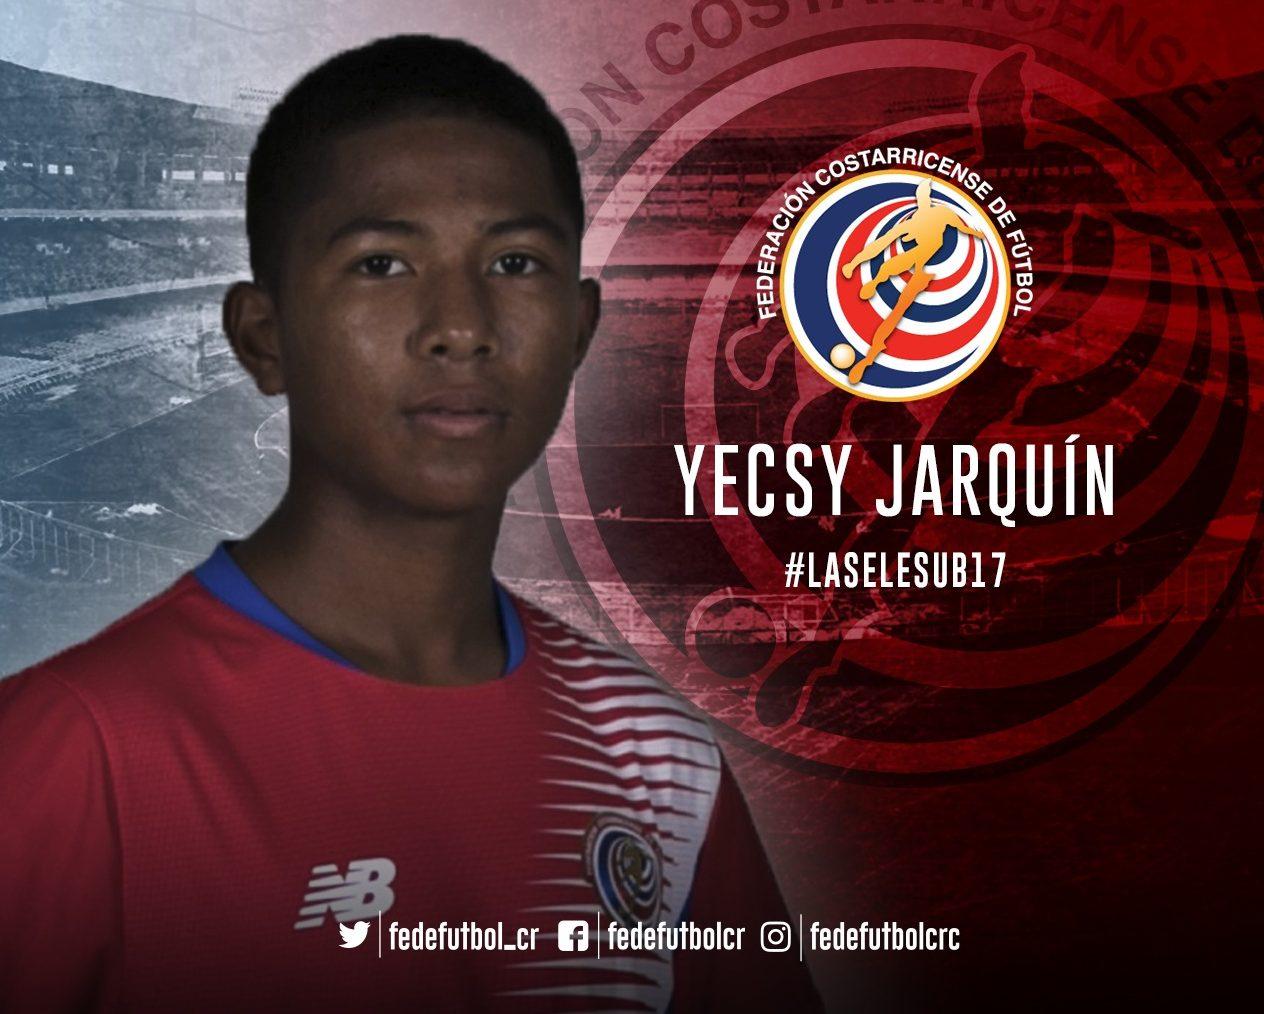 ¿Quién es Yecxy Jarquín?